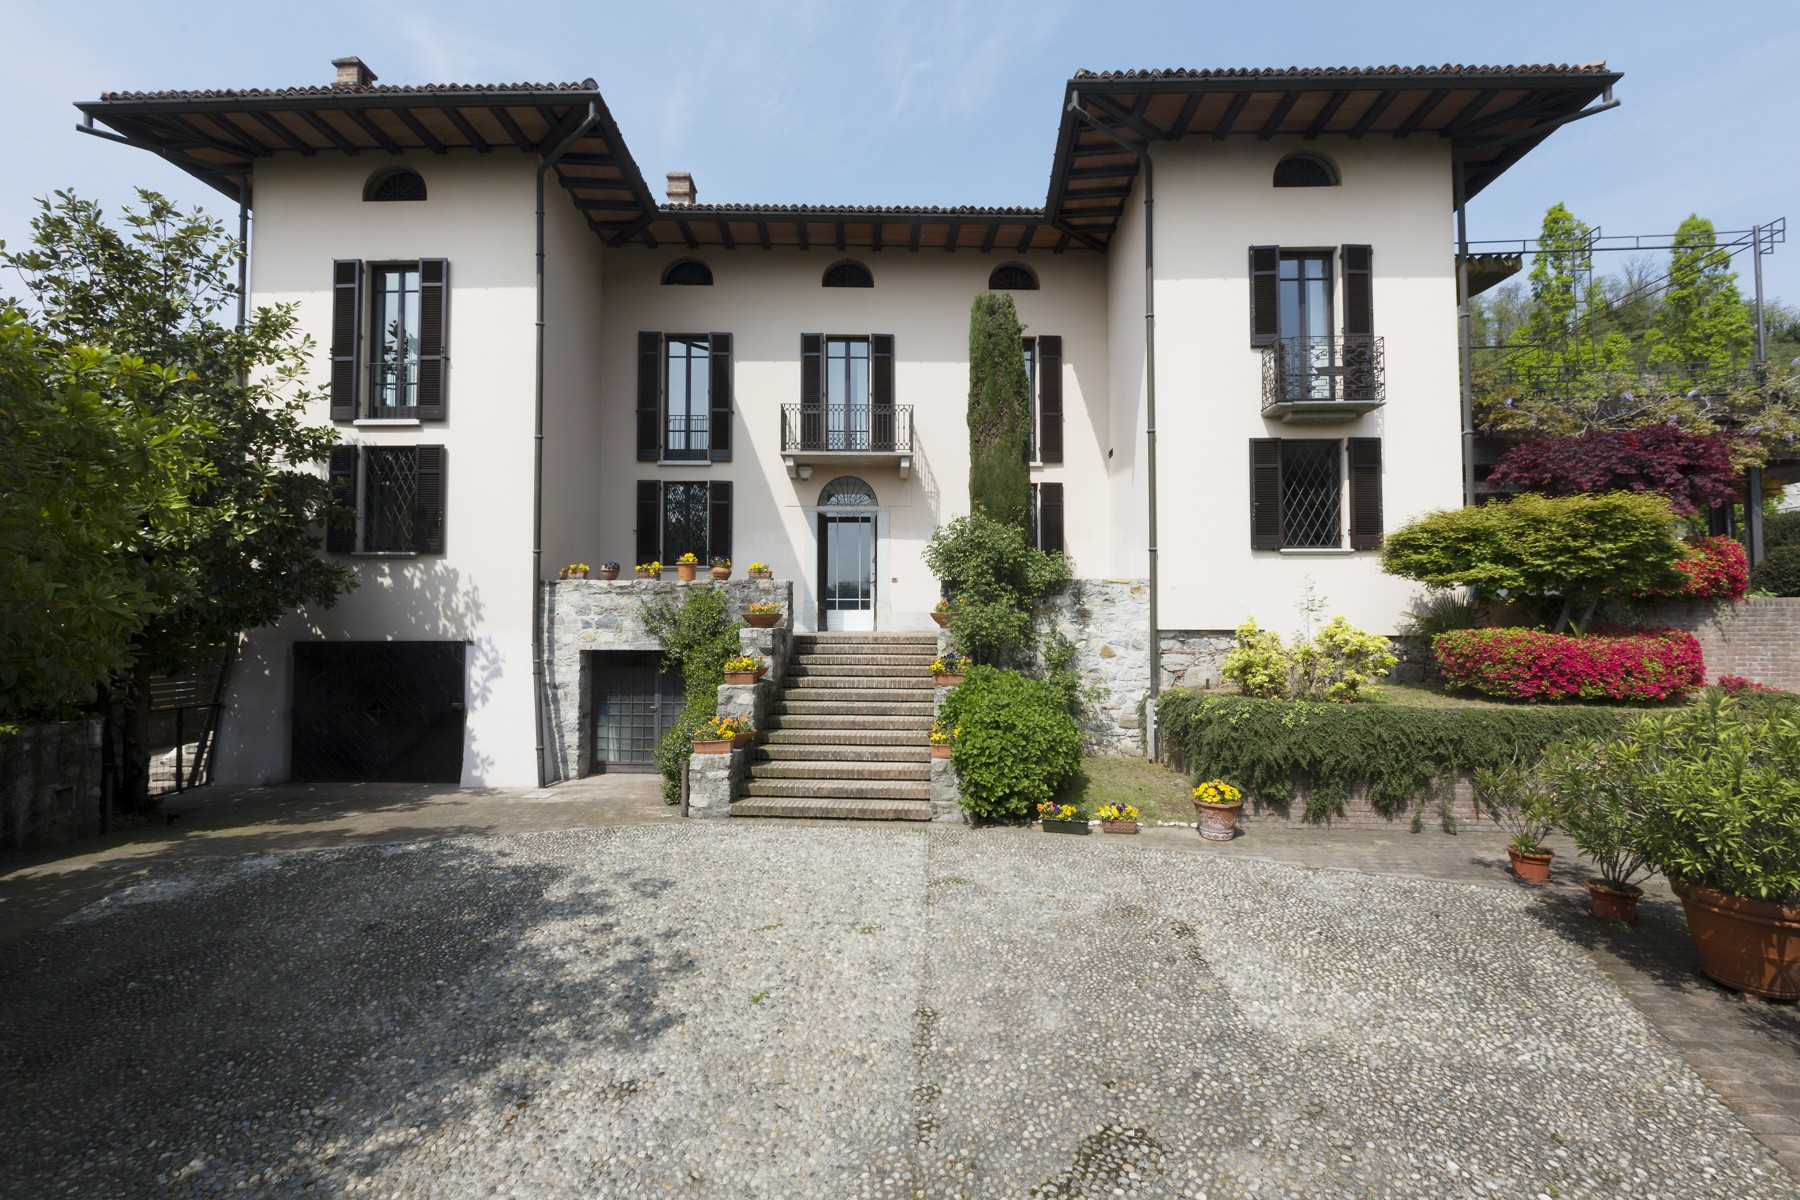 Villa in Vendita a Arona:  5 locali, 857 mq  - Foto 1